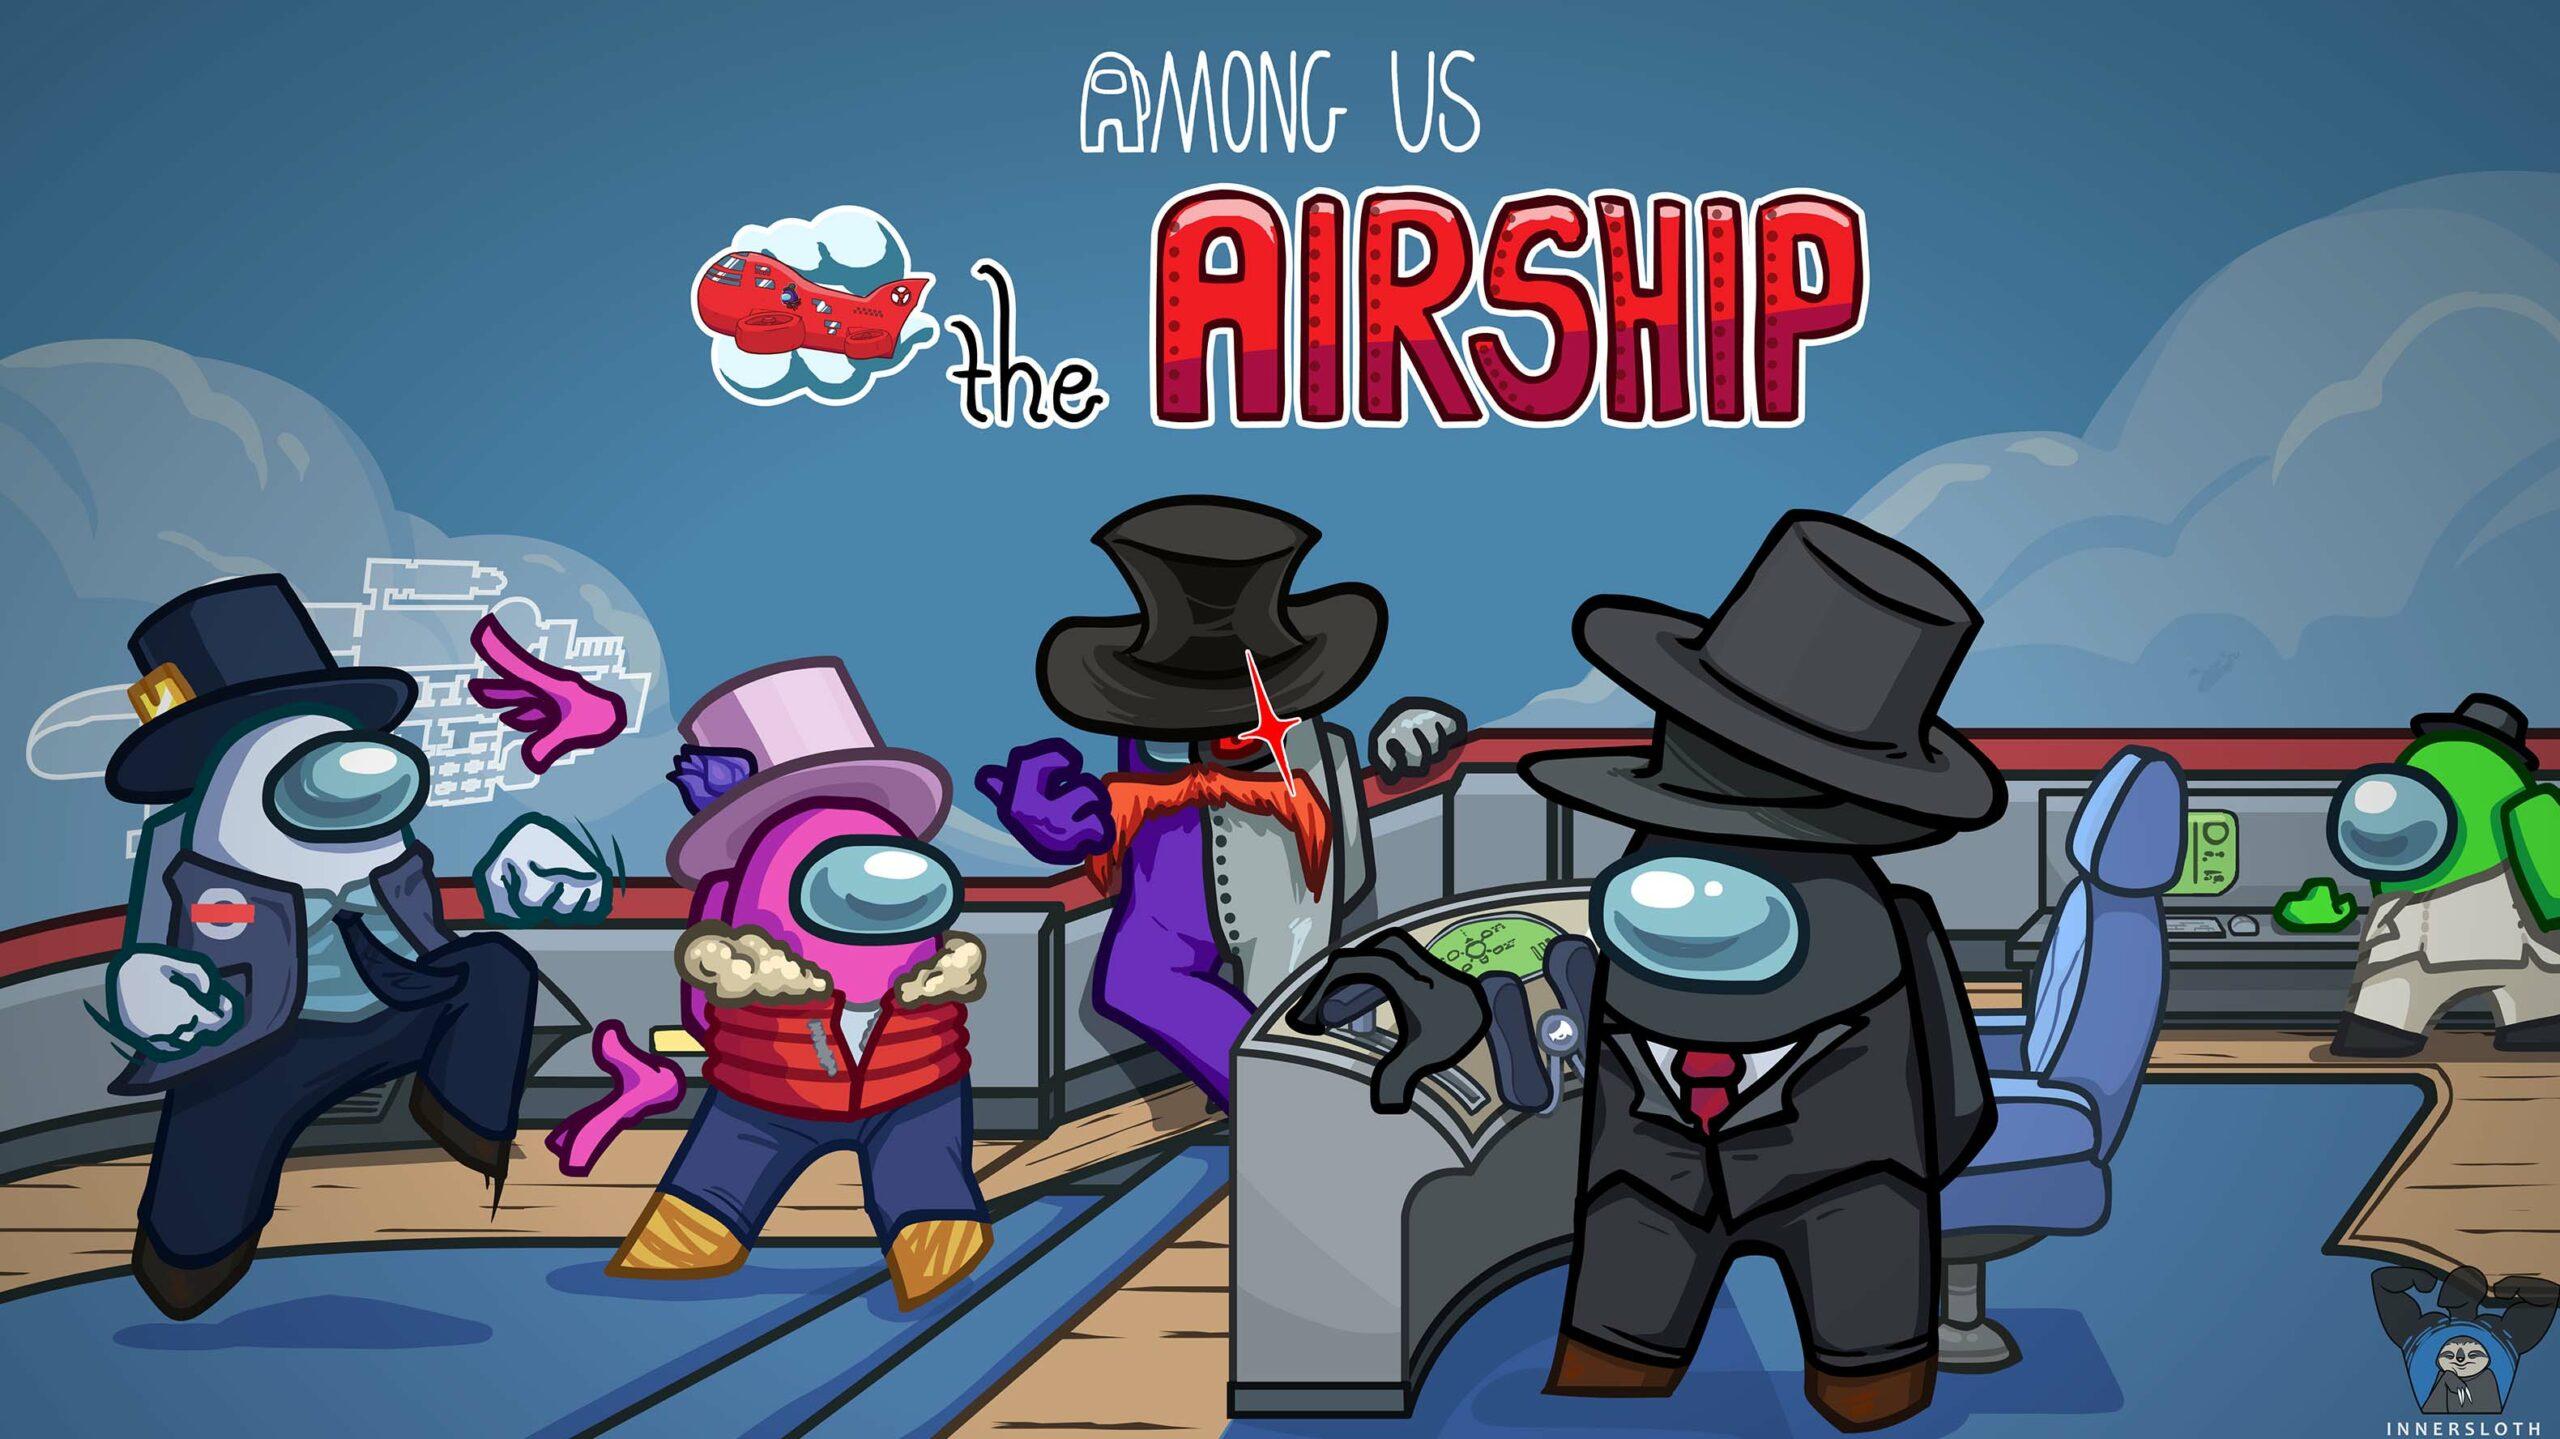 among us airship map